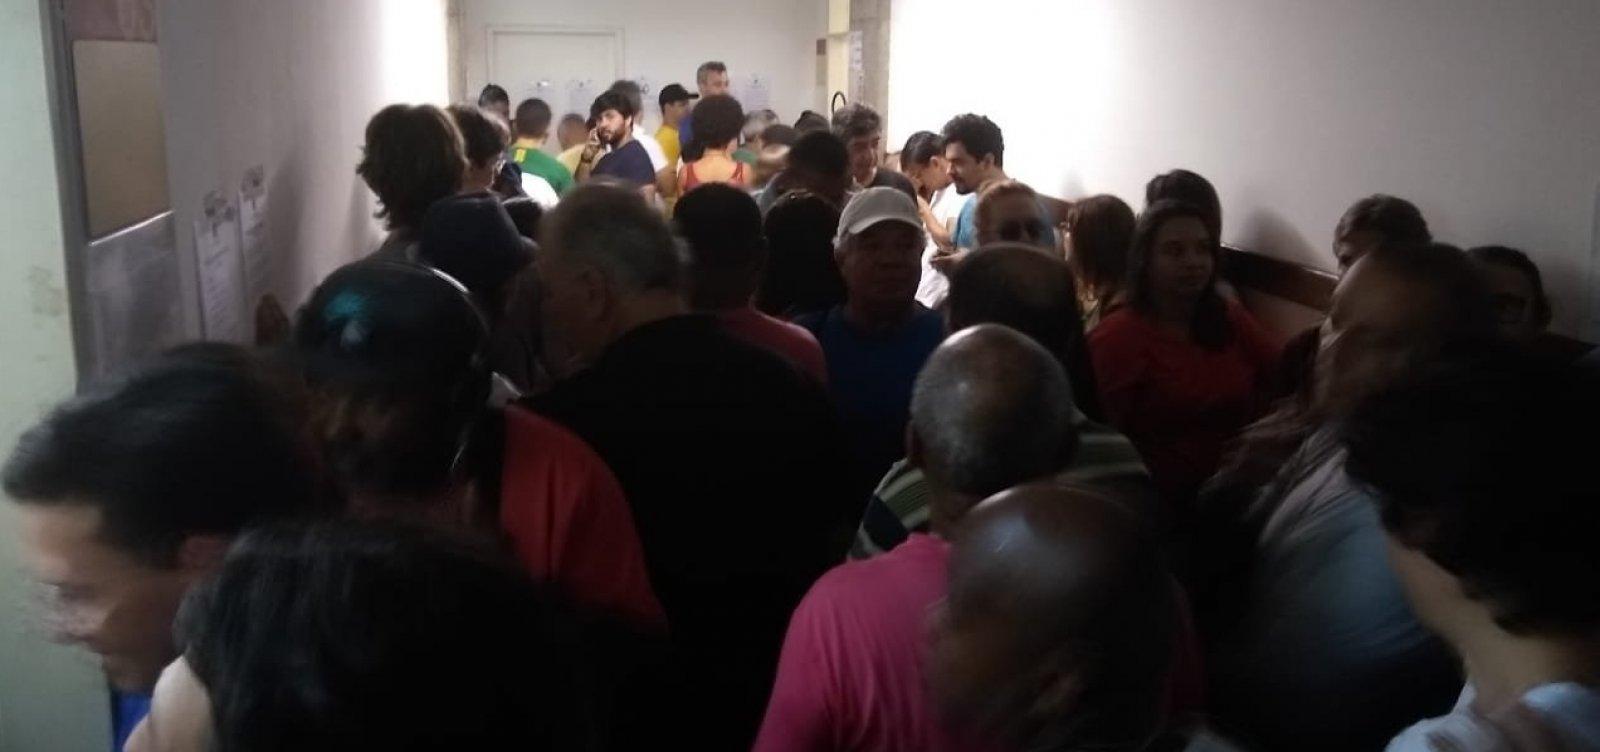 [Eleitores enfrentam filas na Faculdade de Administração da Ufba]